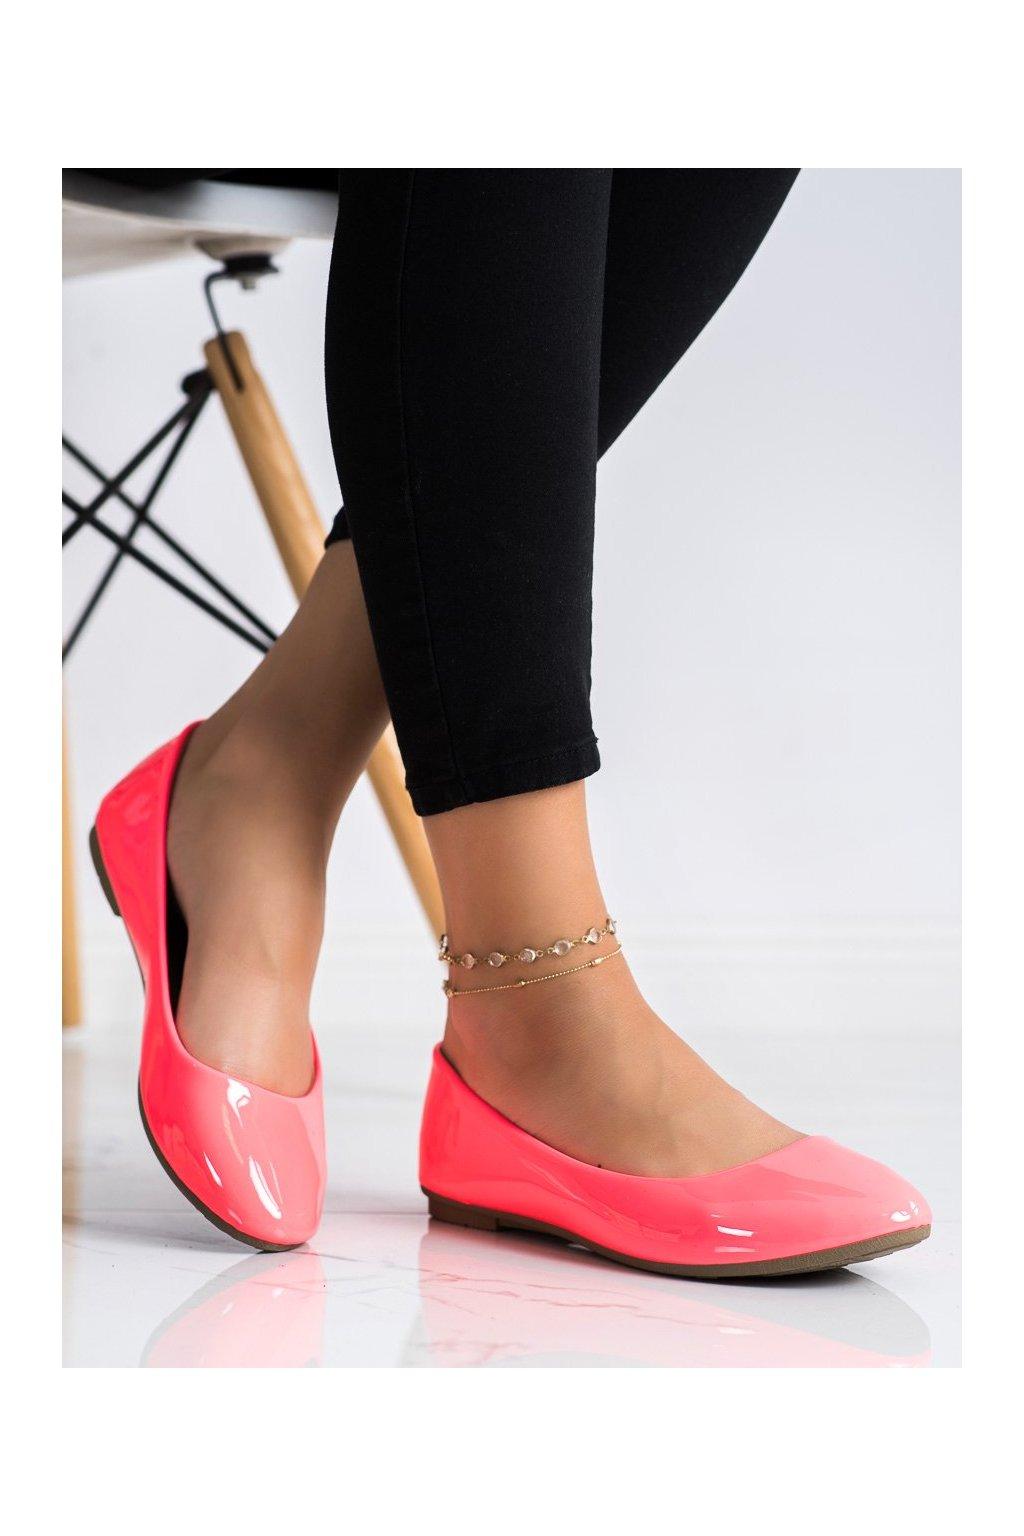 Ružové dámske balerínky Diamantique kod 9988-60FU